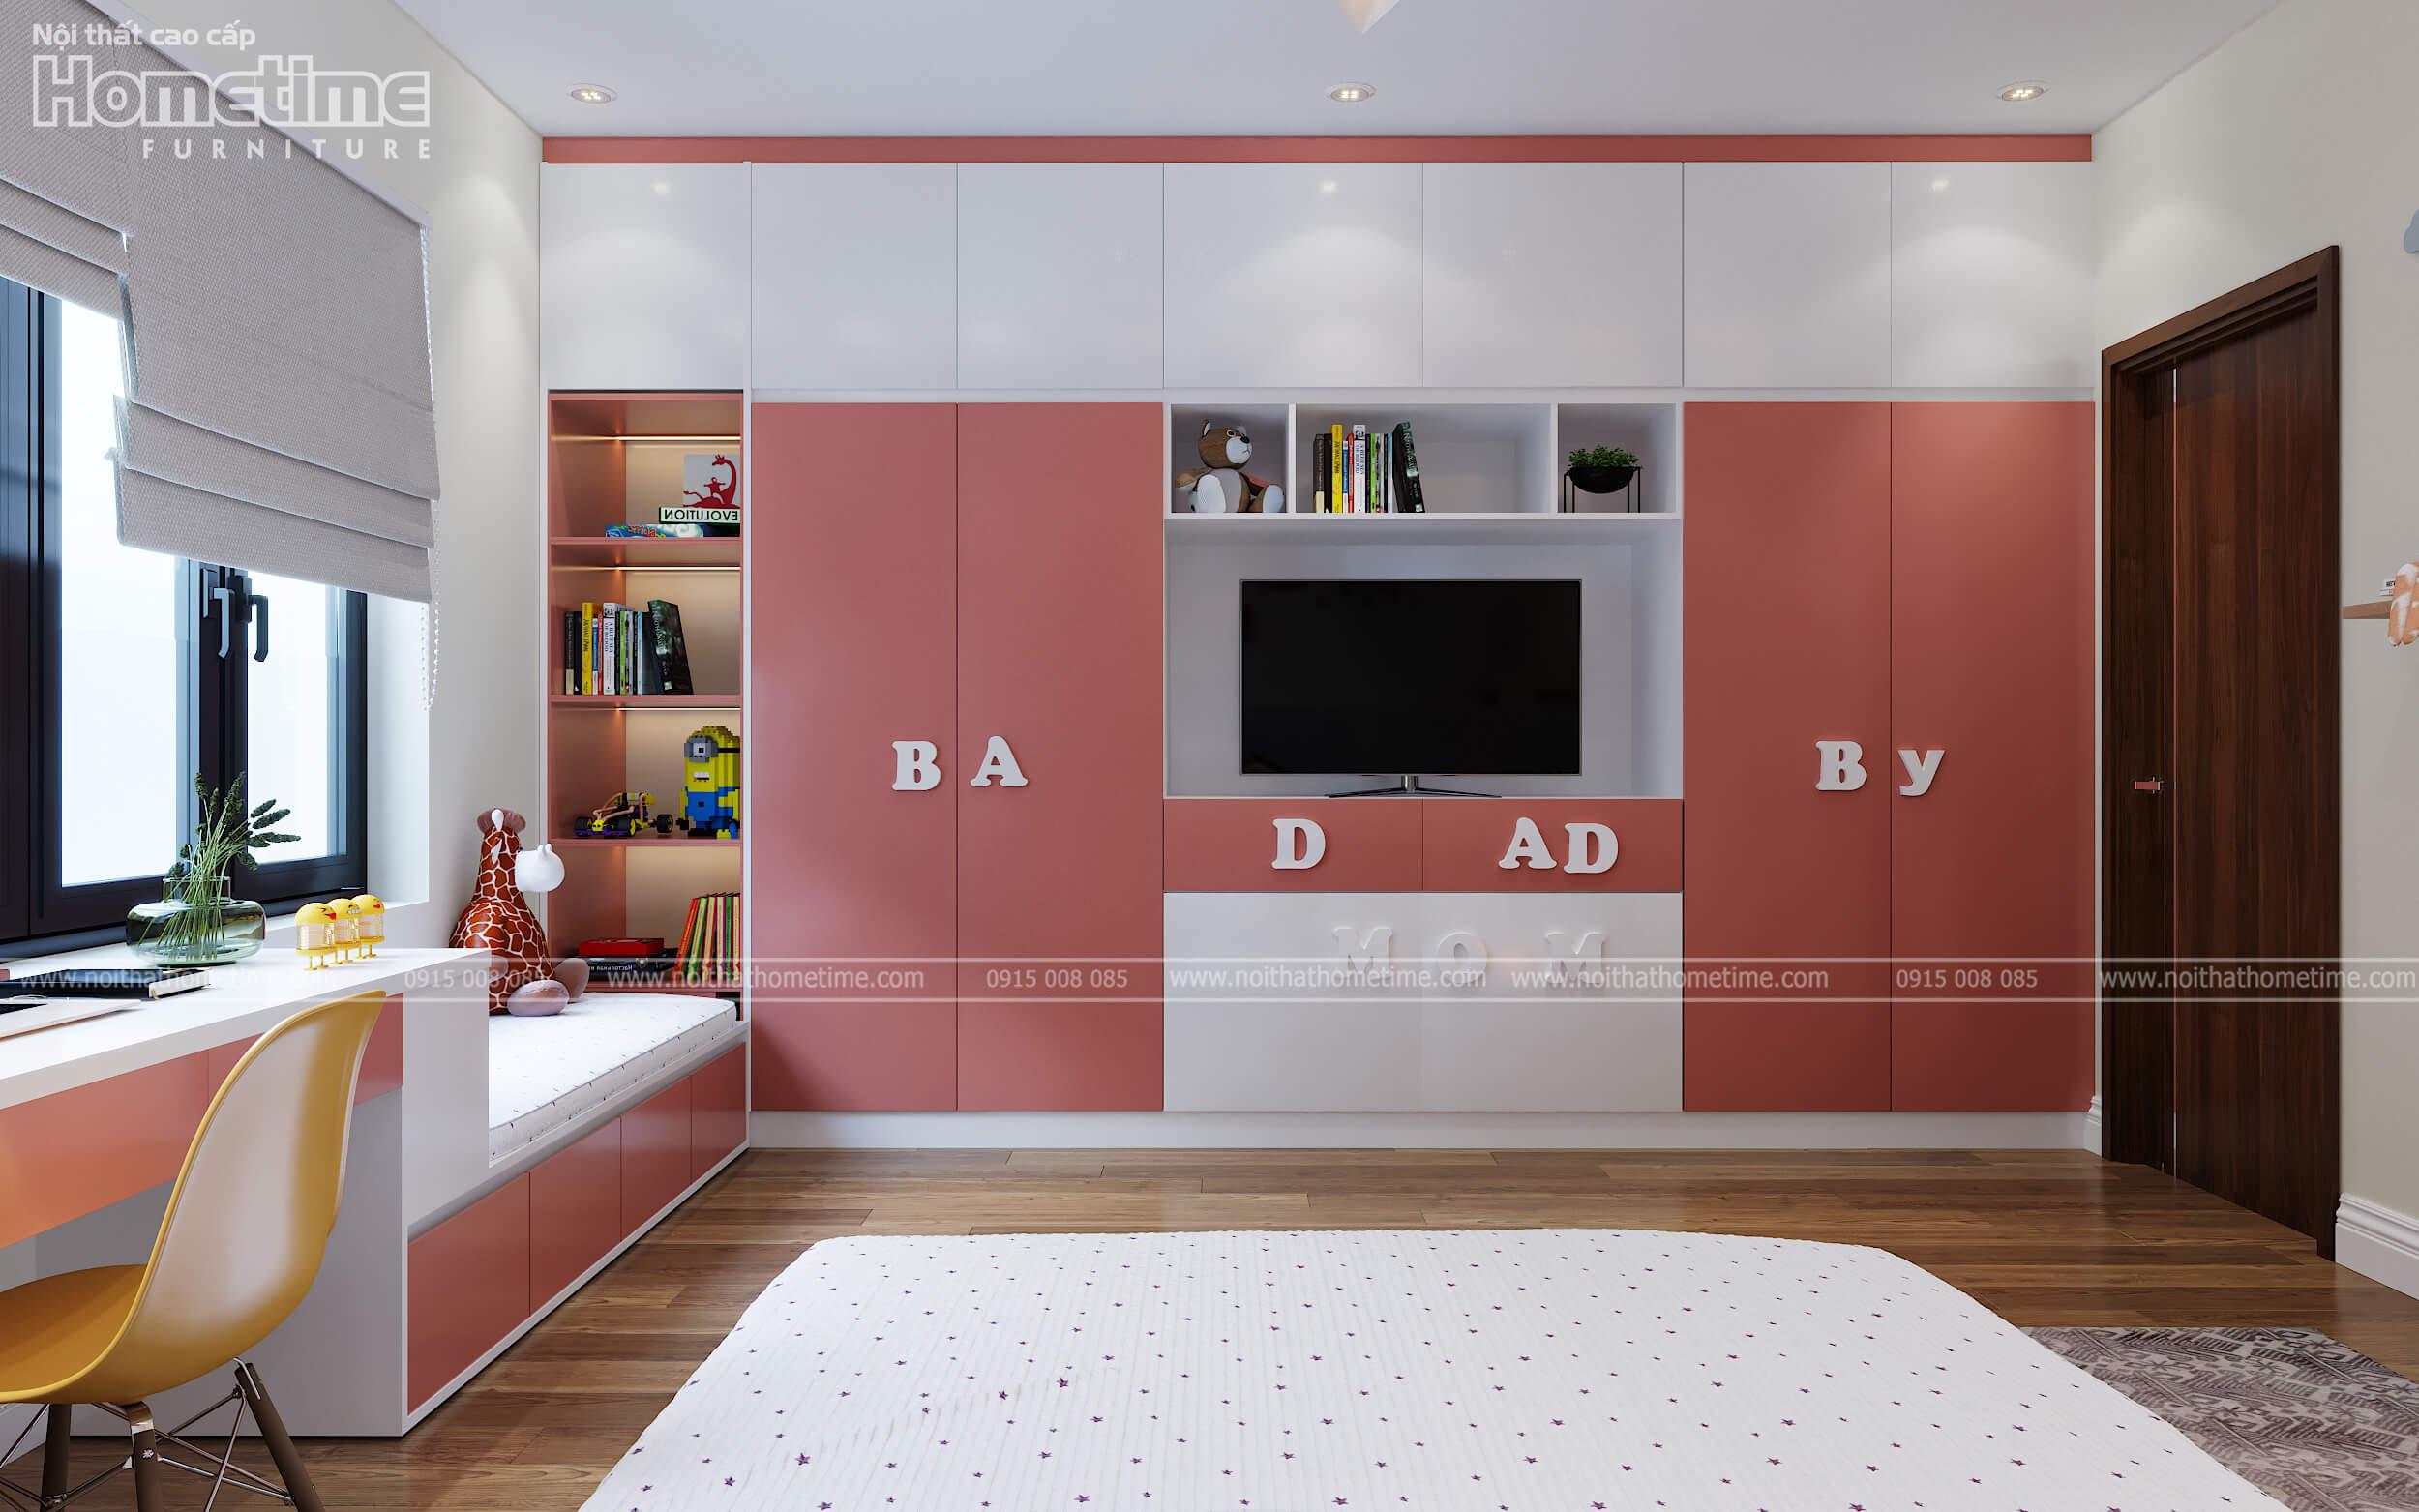 Hướng nhìn chính diện chiếc tủ quần áo và kệ trang trí